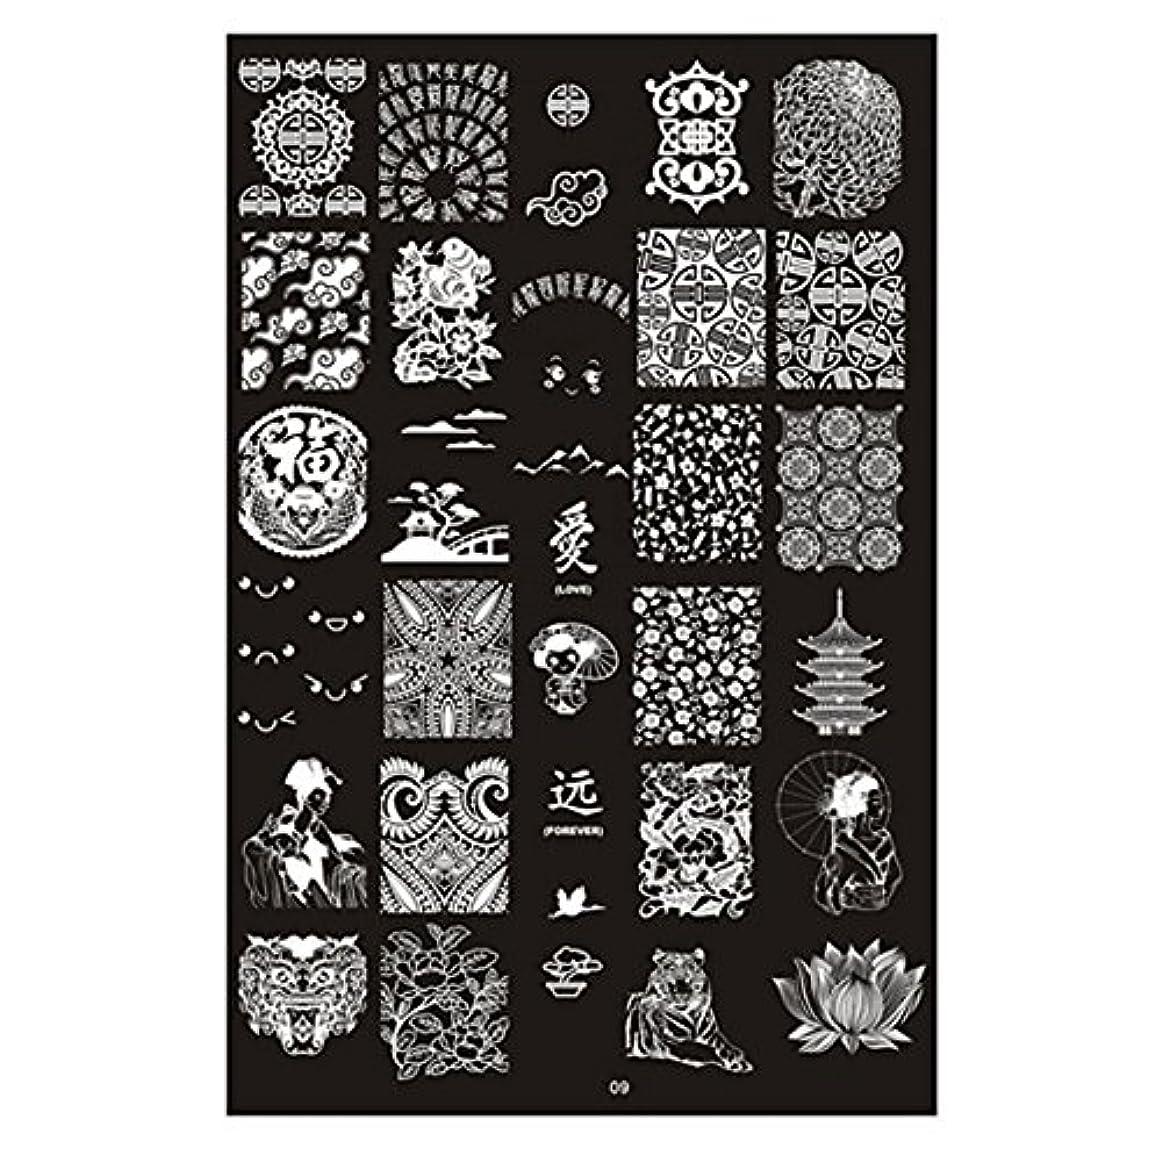 どっちトロイの木馬シマウマ[ルテンズ] スタンピングプレートセット 花柄 ネイルプレート ネイルアートツール ネイルプレート ネイルスタンパー ネイルスタンプ スタンプネイル ネイルデザイン用品